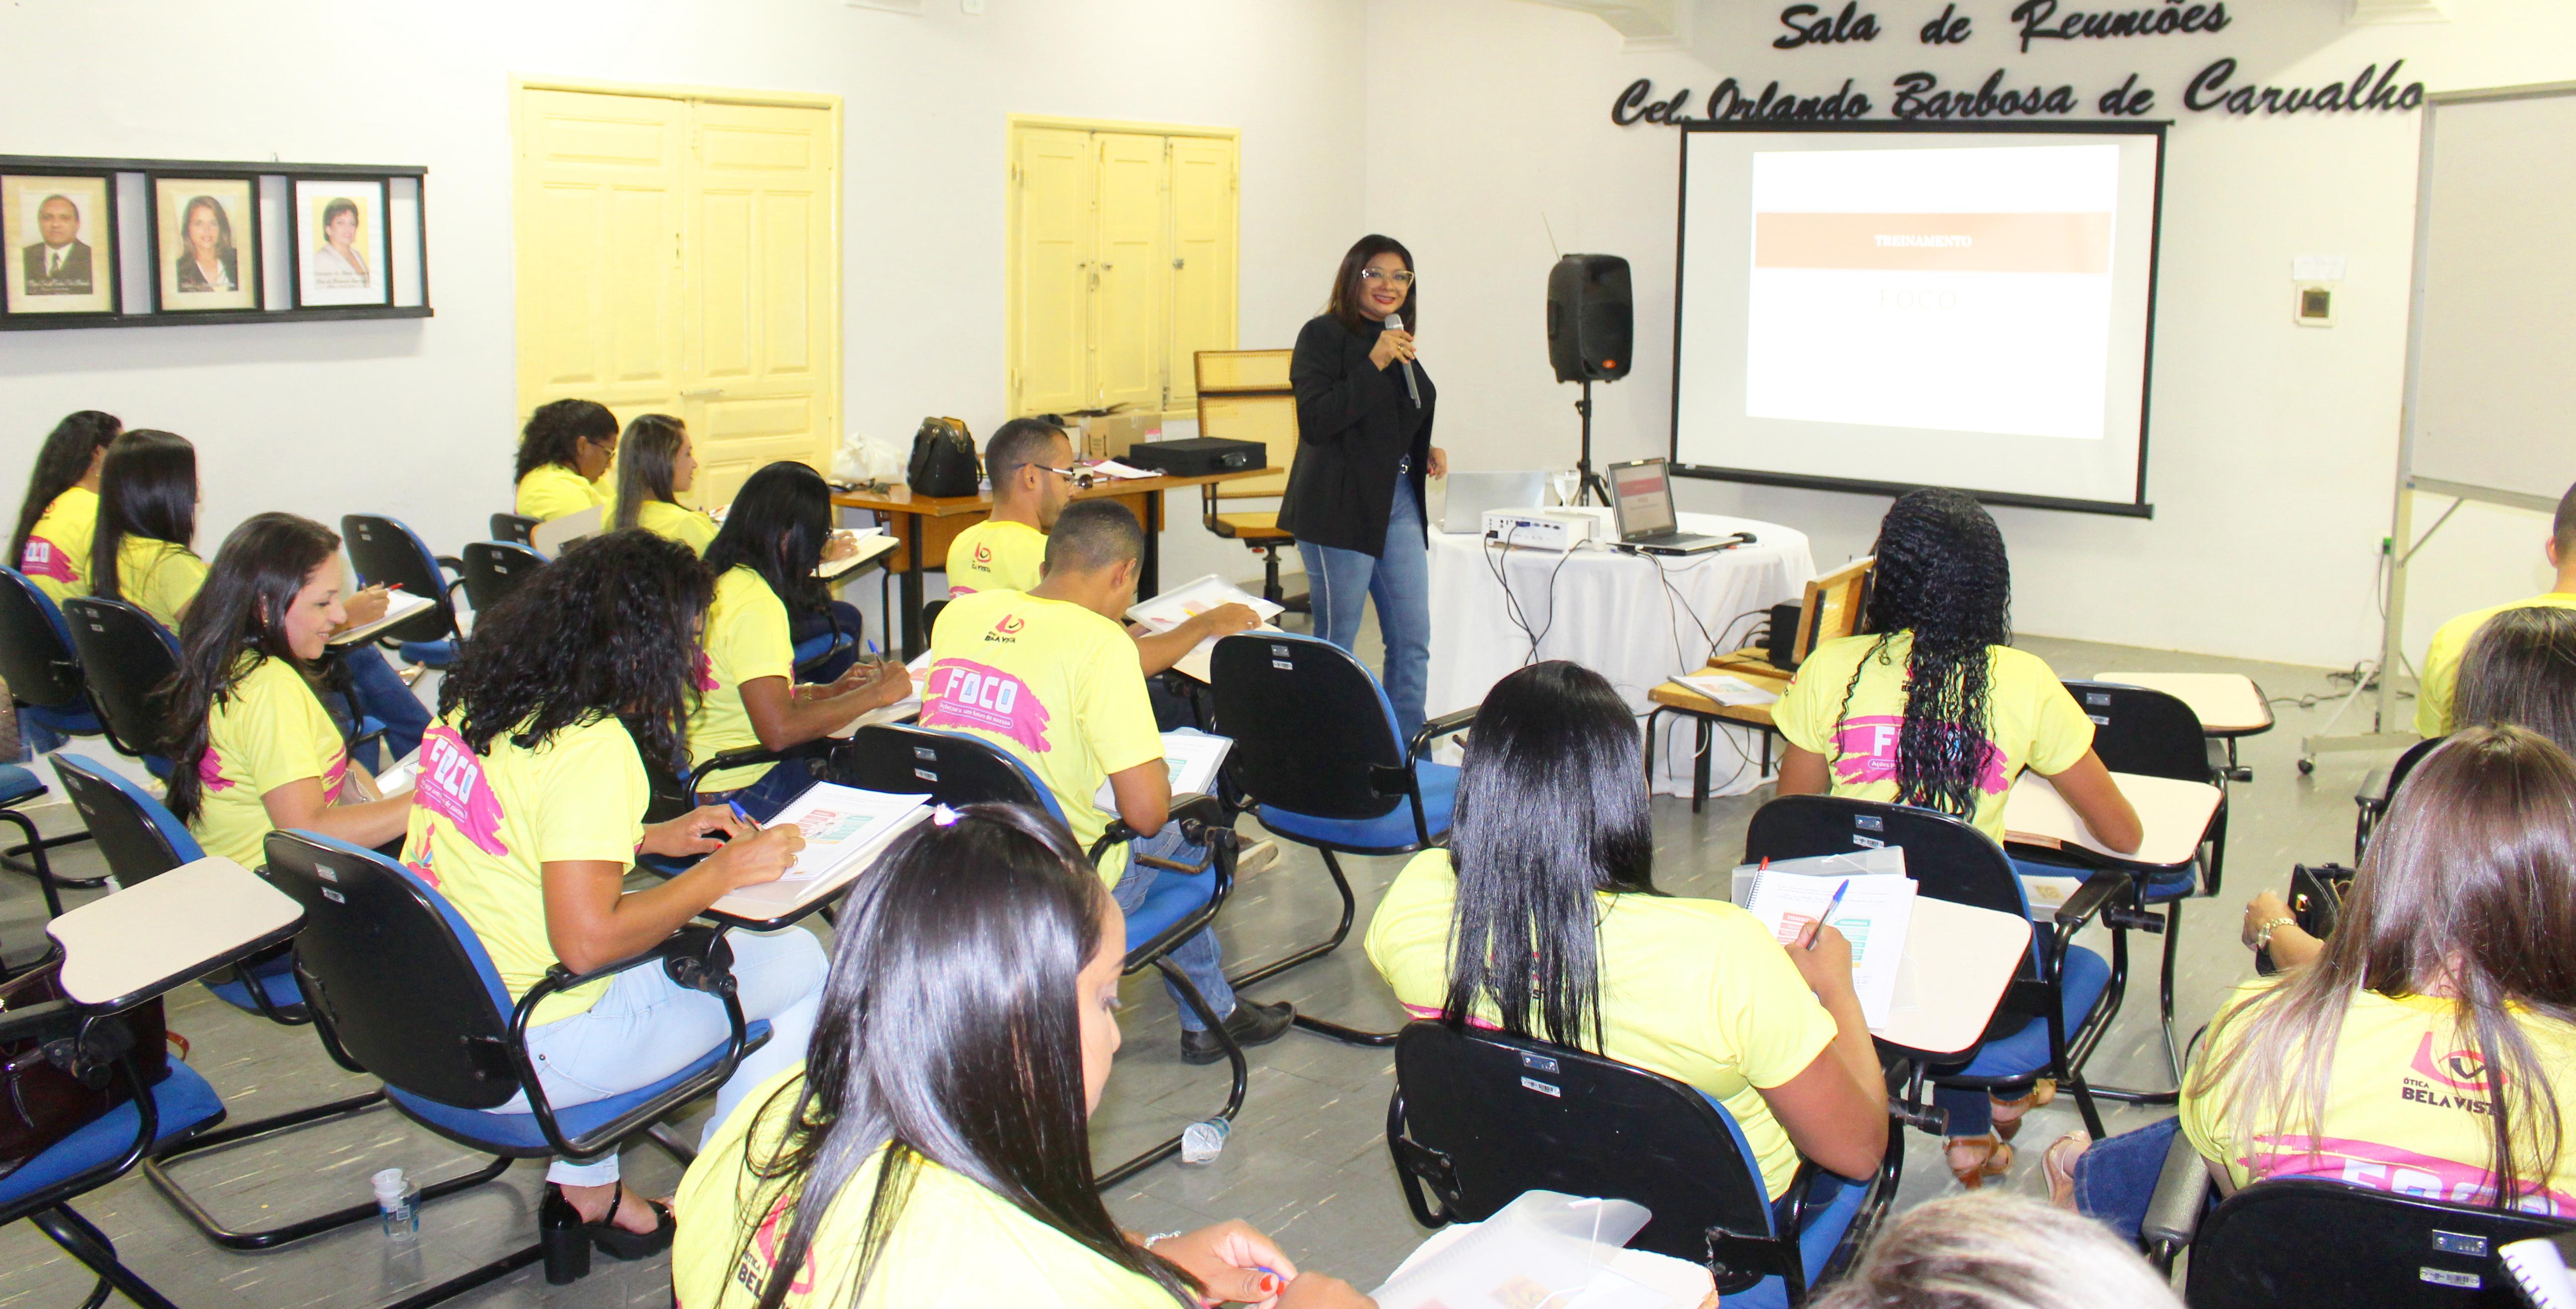 Grupo Ótica Bela Vista realiza treinamento com colaboradores. 2